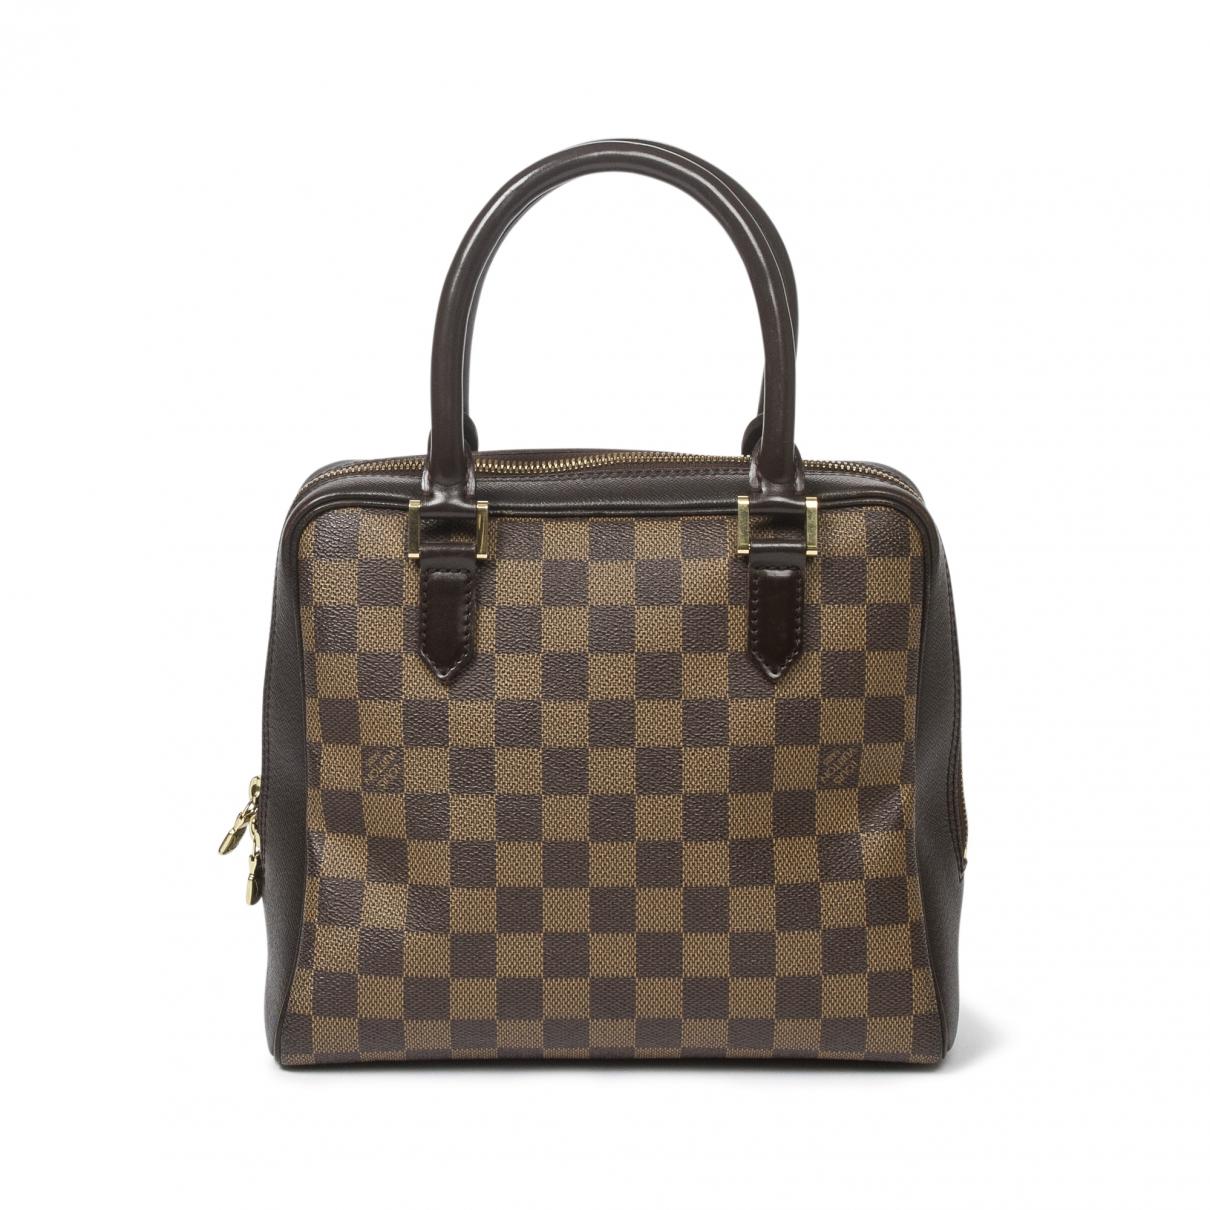 Louis Vuitton Brera Handtasche in  Braun Leder